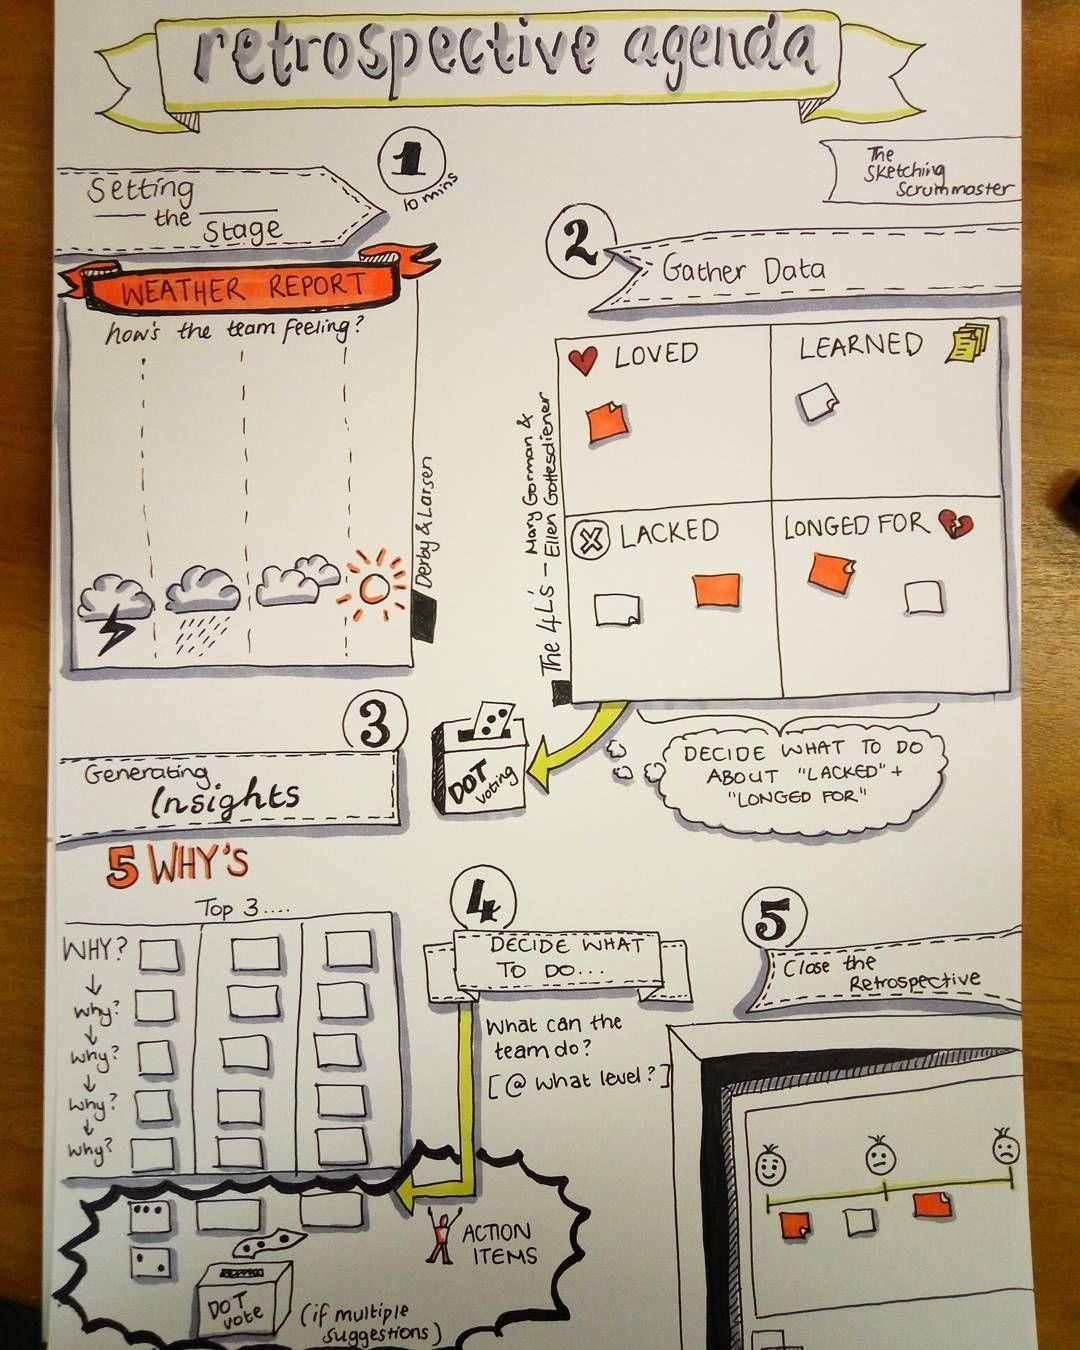 retrospective agenda Workin It Pinterest Doodles